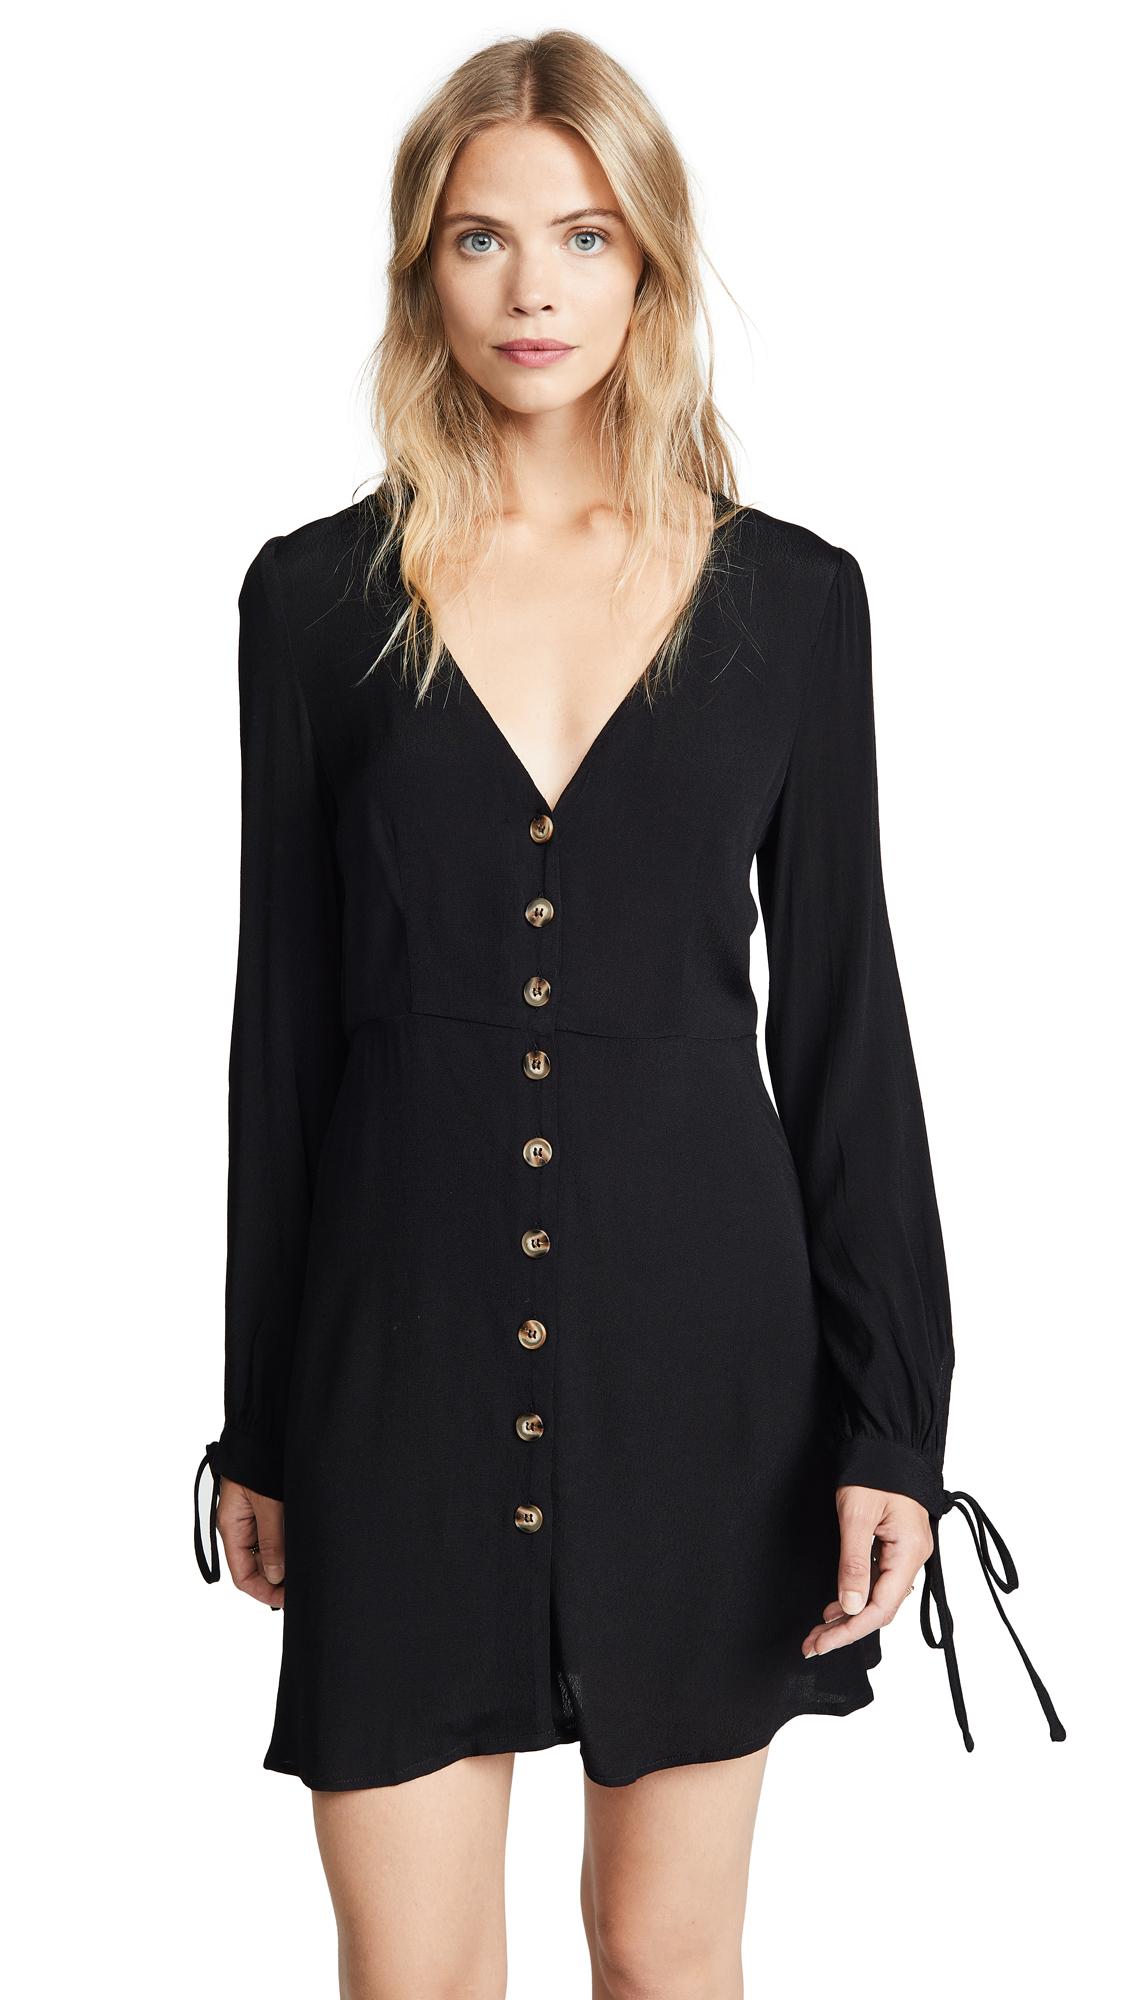 re: named Babi Dress In Black